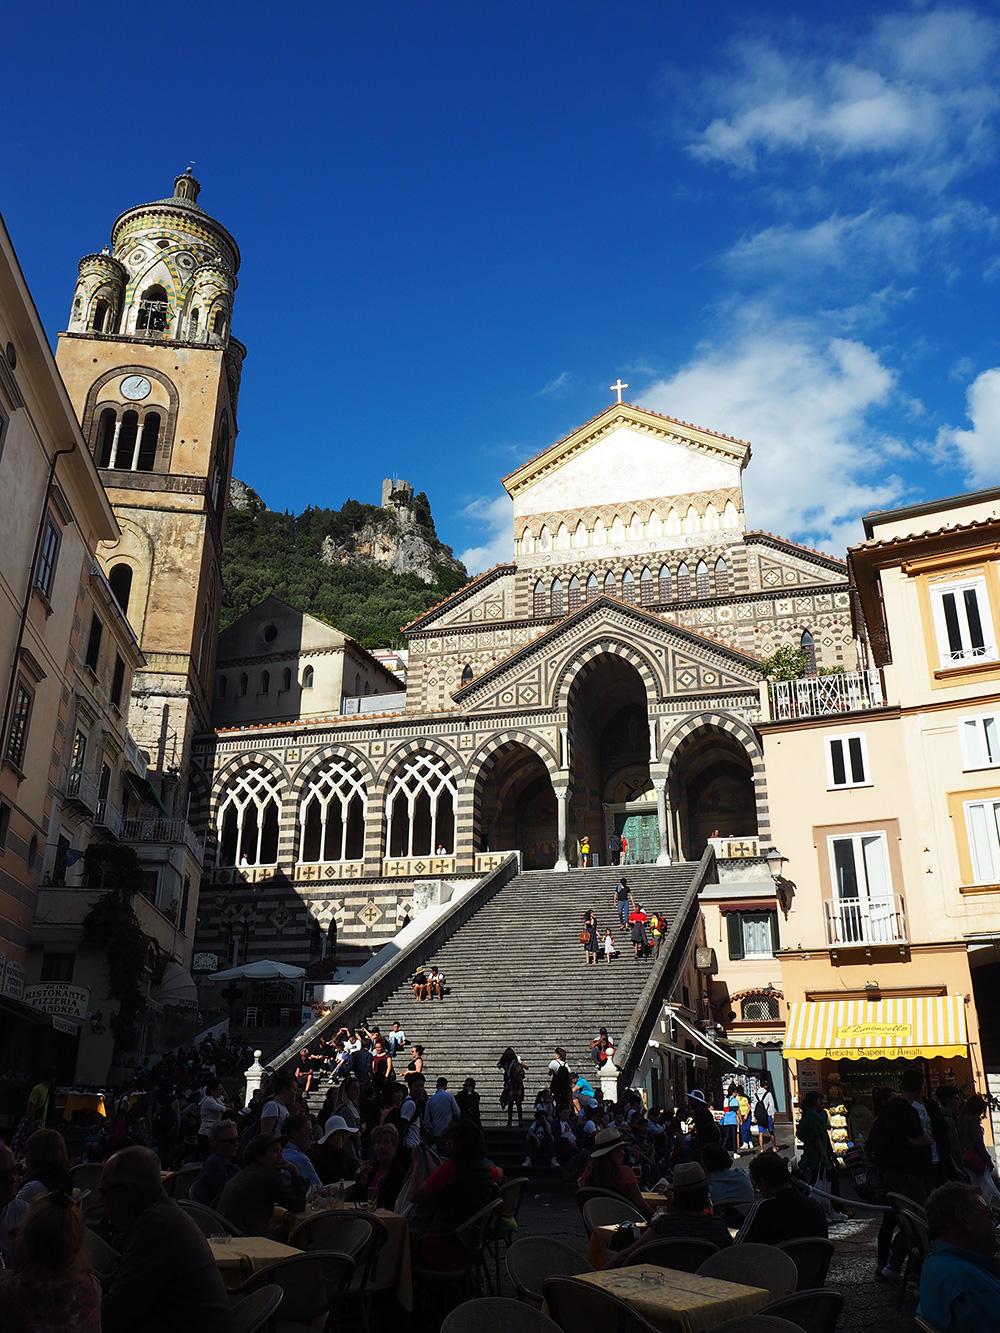 RosyCheeks-Amalfi-Dome